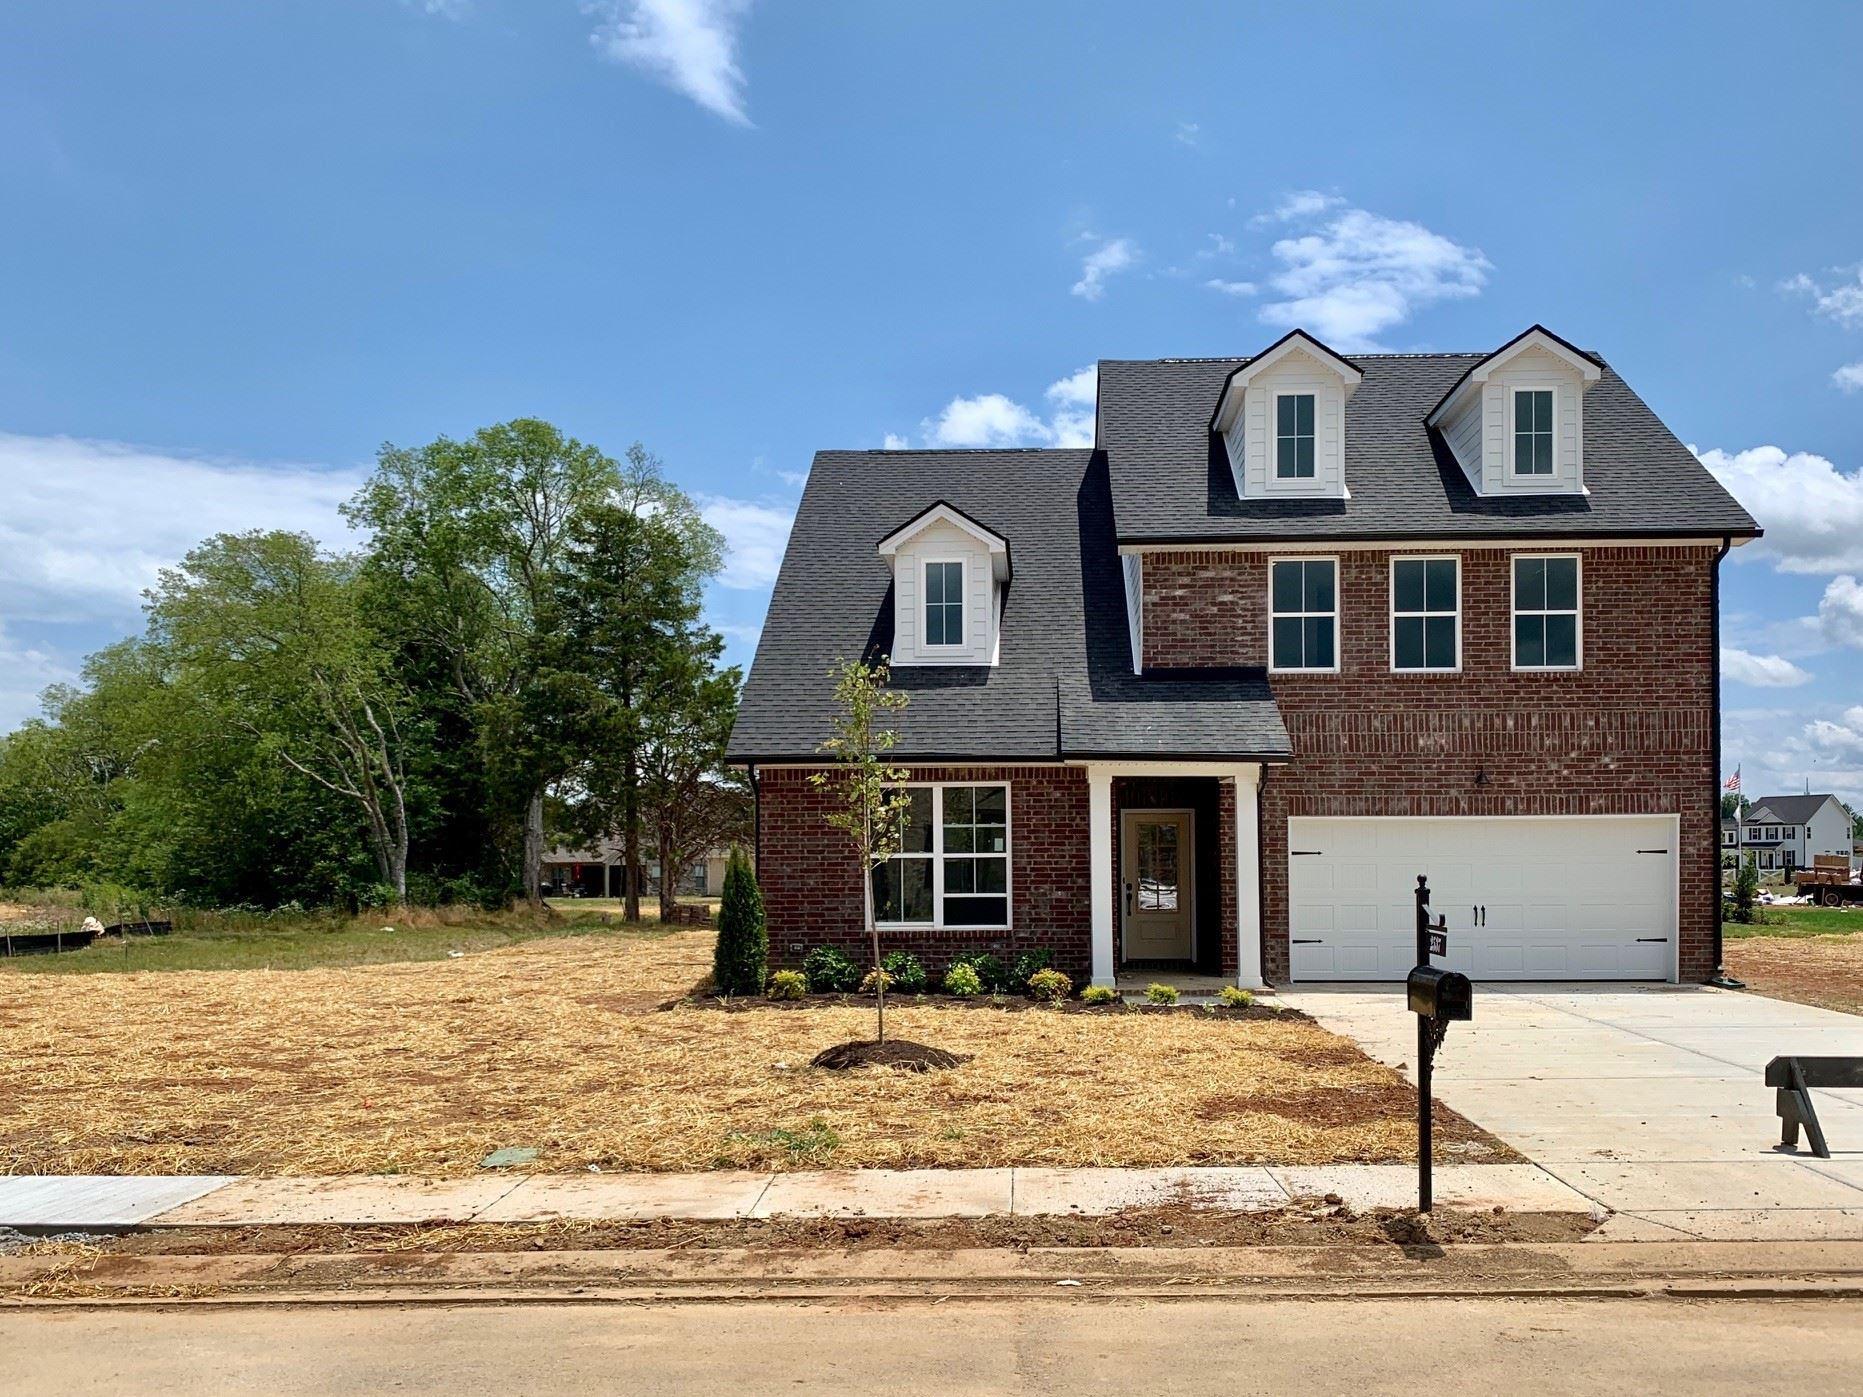 2537 Golden Ln, Murfreesboro, TN 37128 - MLS#: 2142202